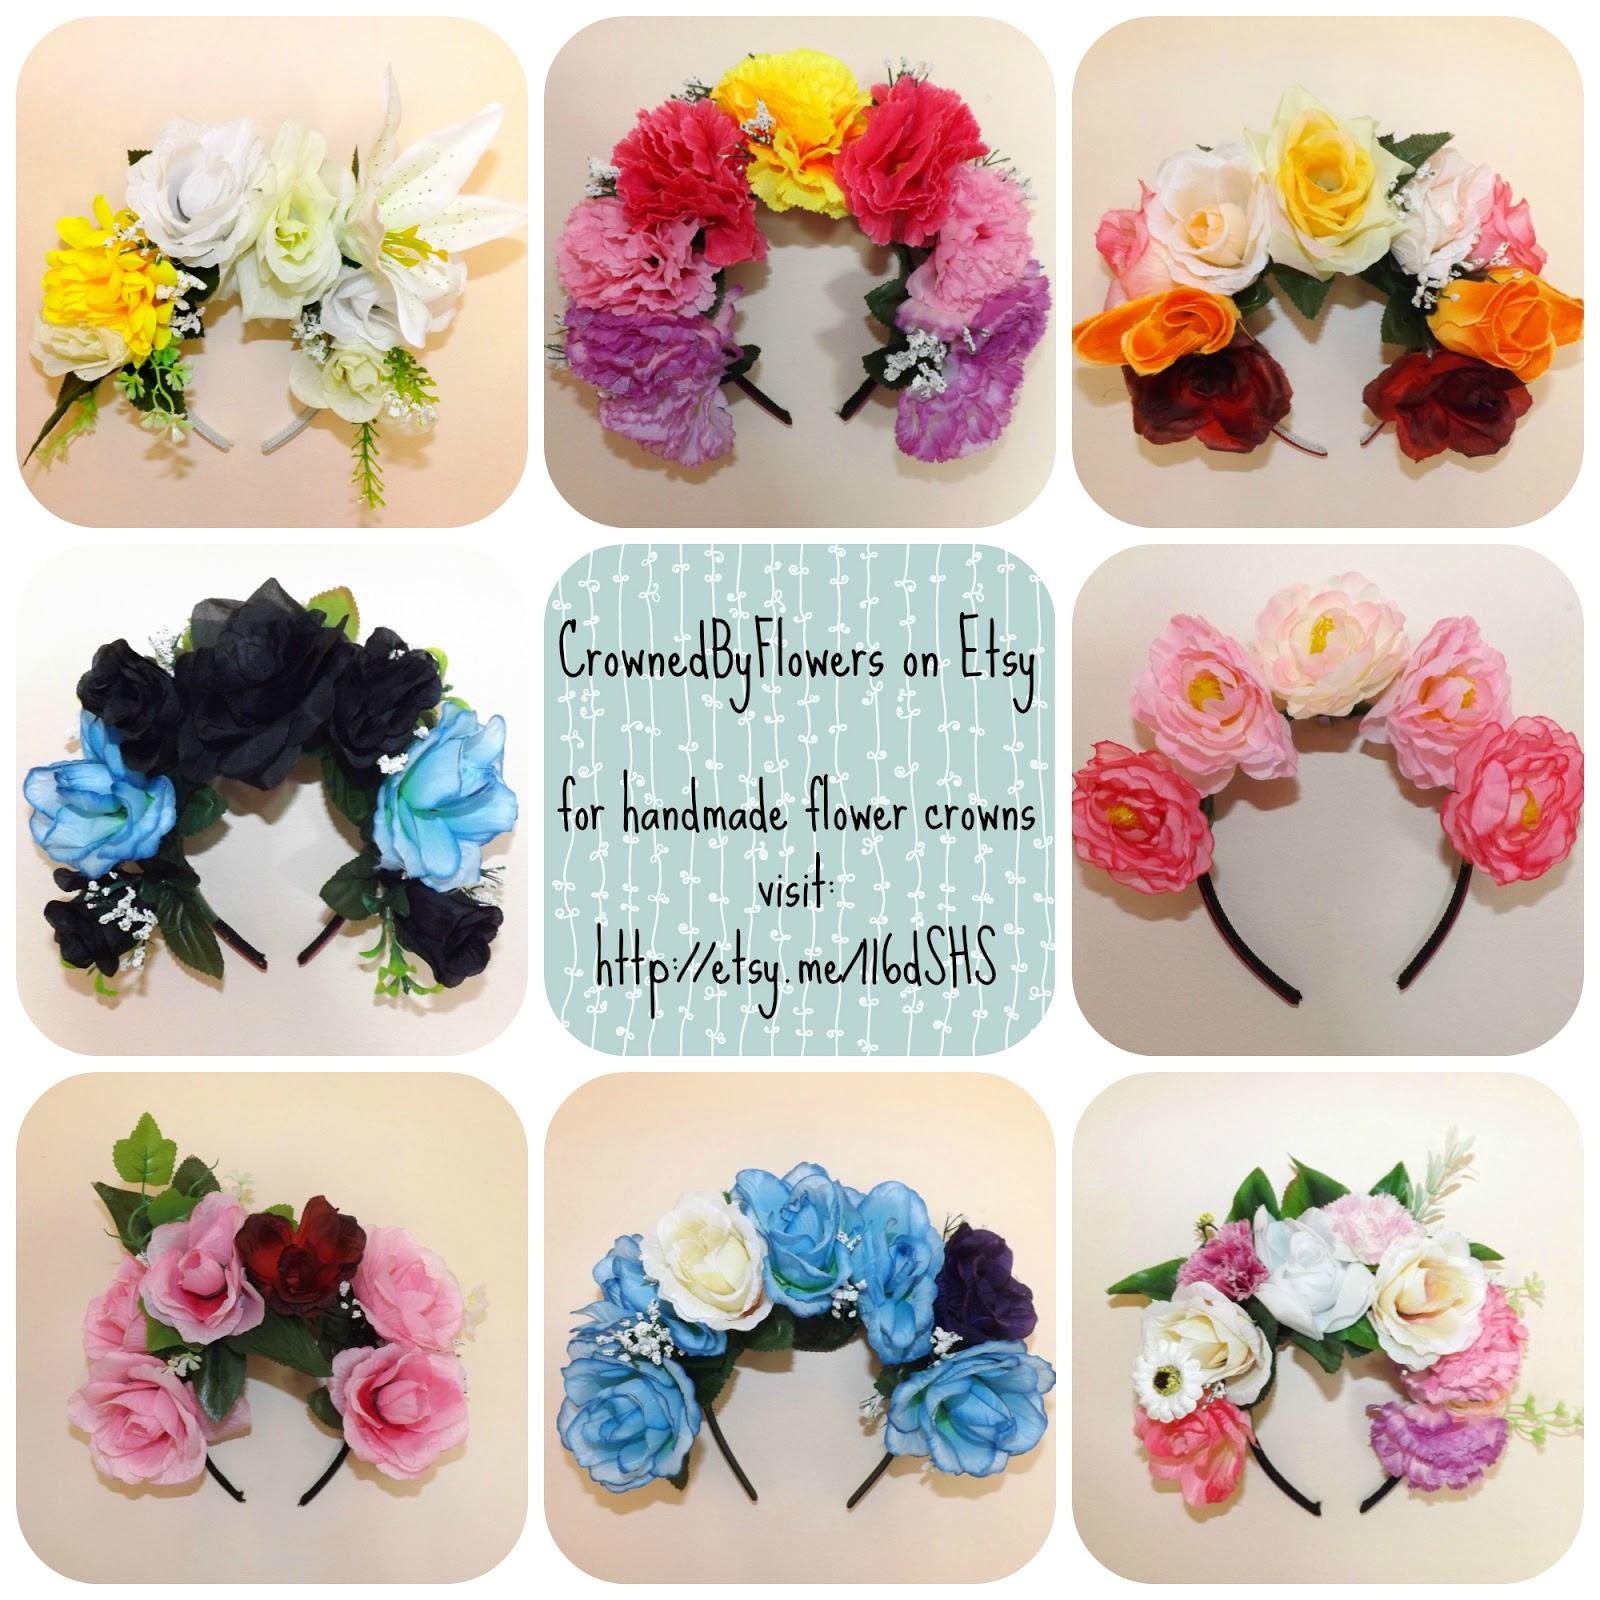 My Flower Crown Etsy Shop Crownedbyflowers Is Now On Facebook